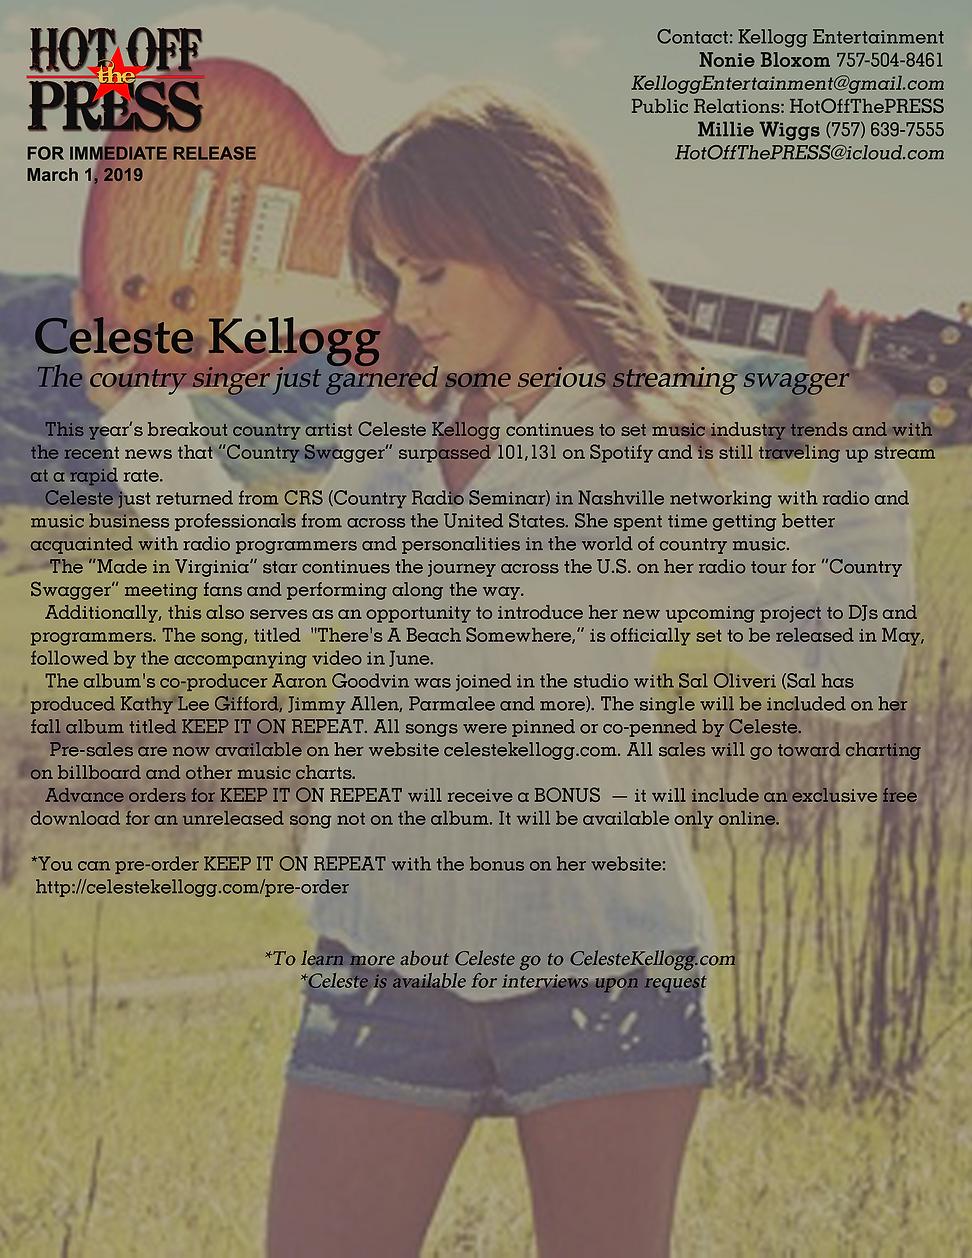 20190325 Celeste Release.png